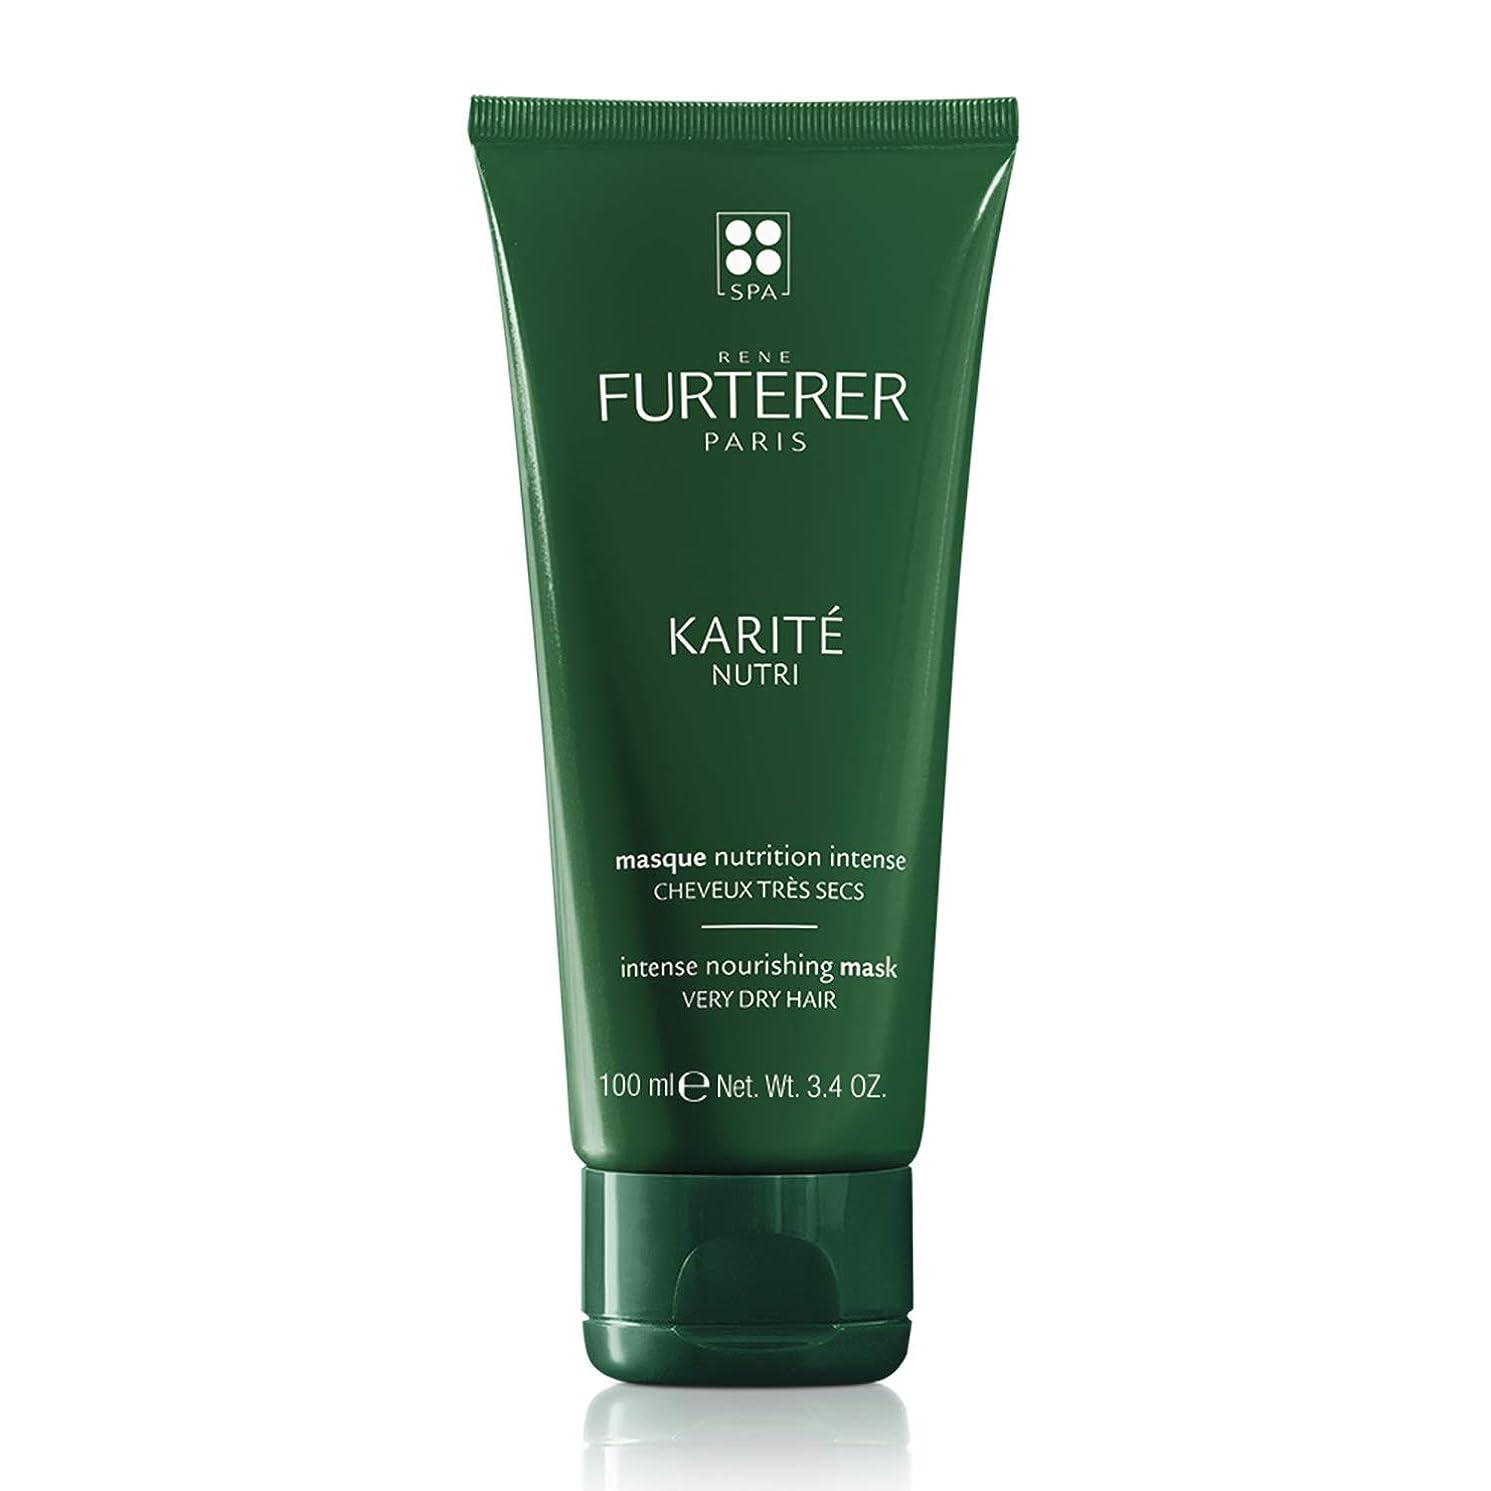 ローマ人結果として華氏ルネ フルトレール Karite Nutri Nourishing Ritual Intense Nourishing Mask (Very Dry Hair) 100ml/3.5oz並行輸入品